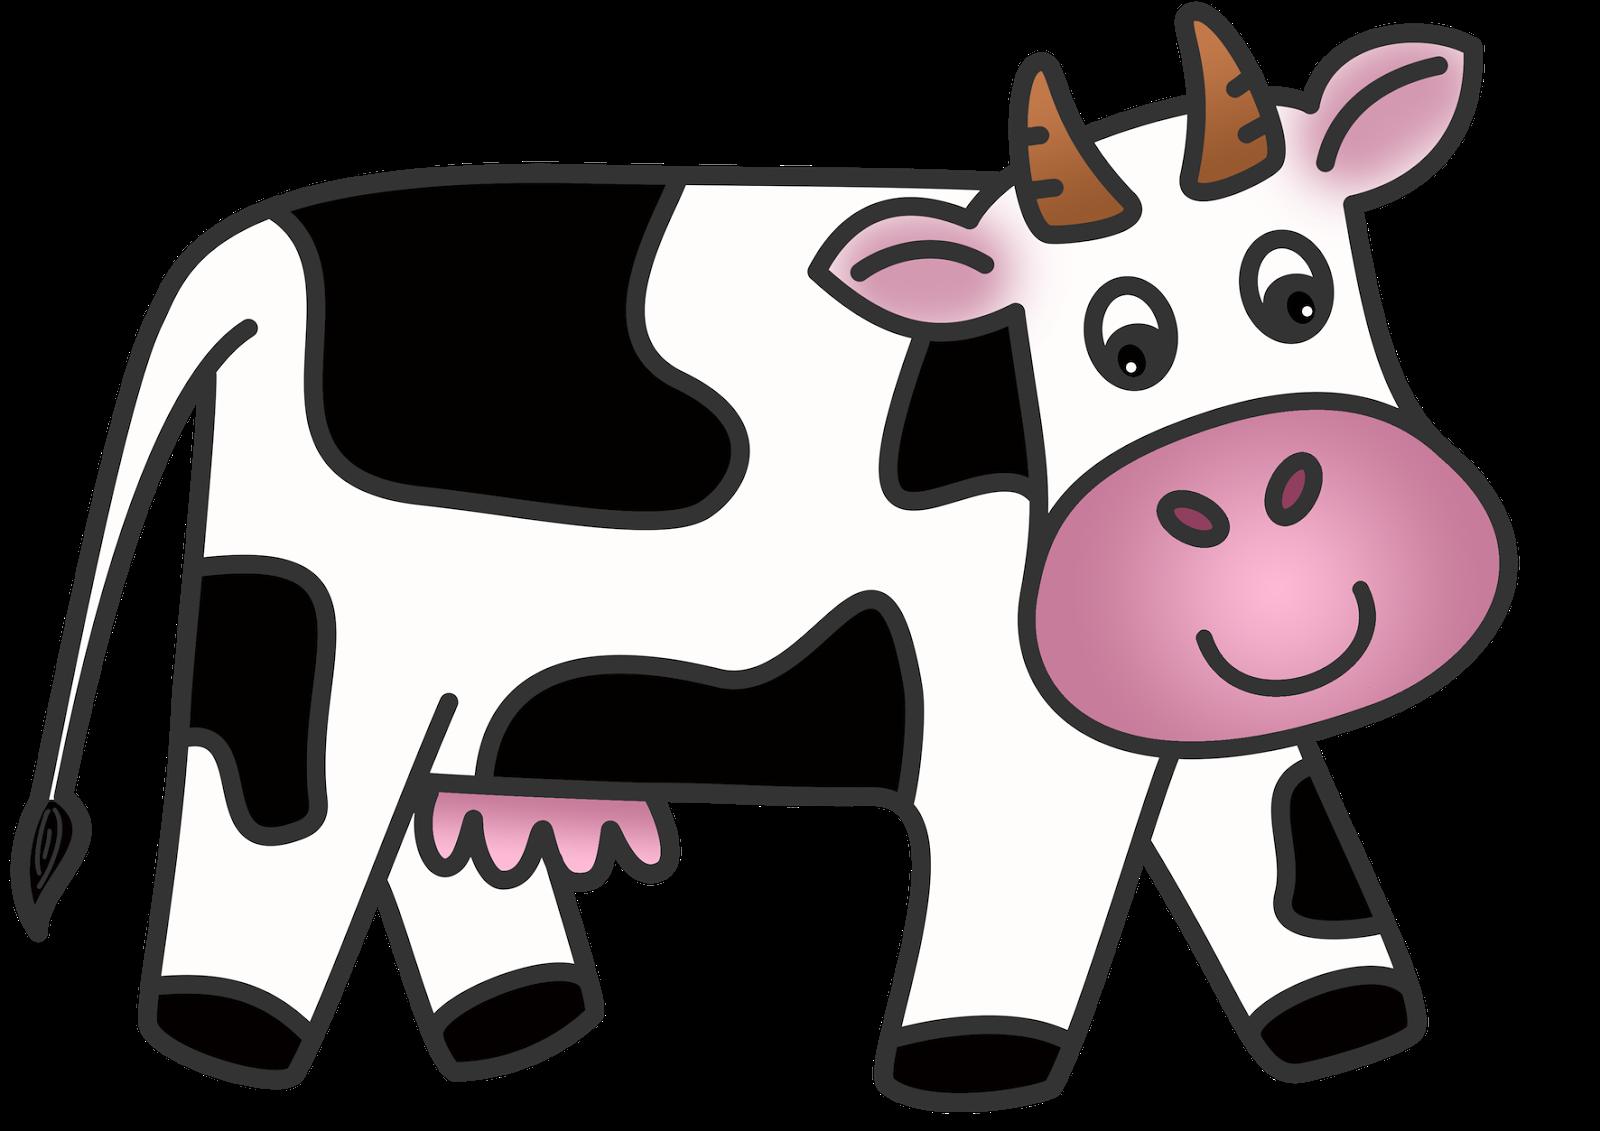 Clipart Cows u0026 Cows Clip Art Images - ClipartALL clipartall.com